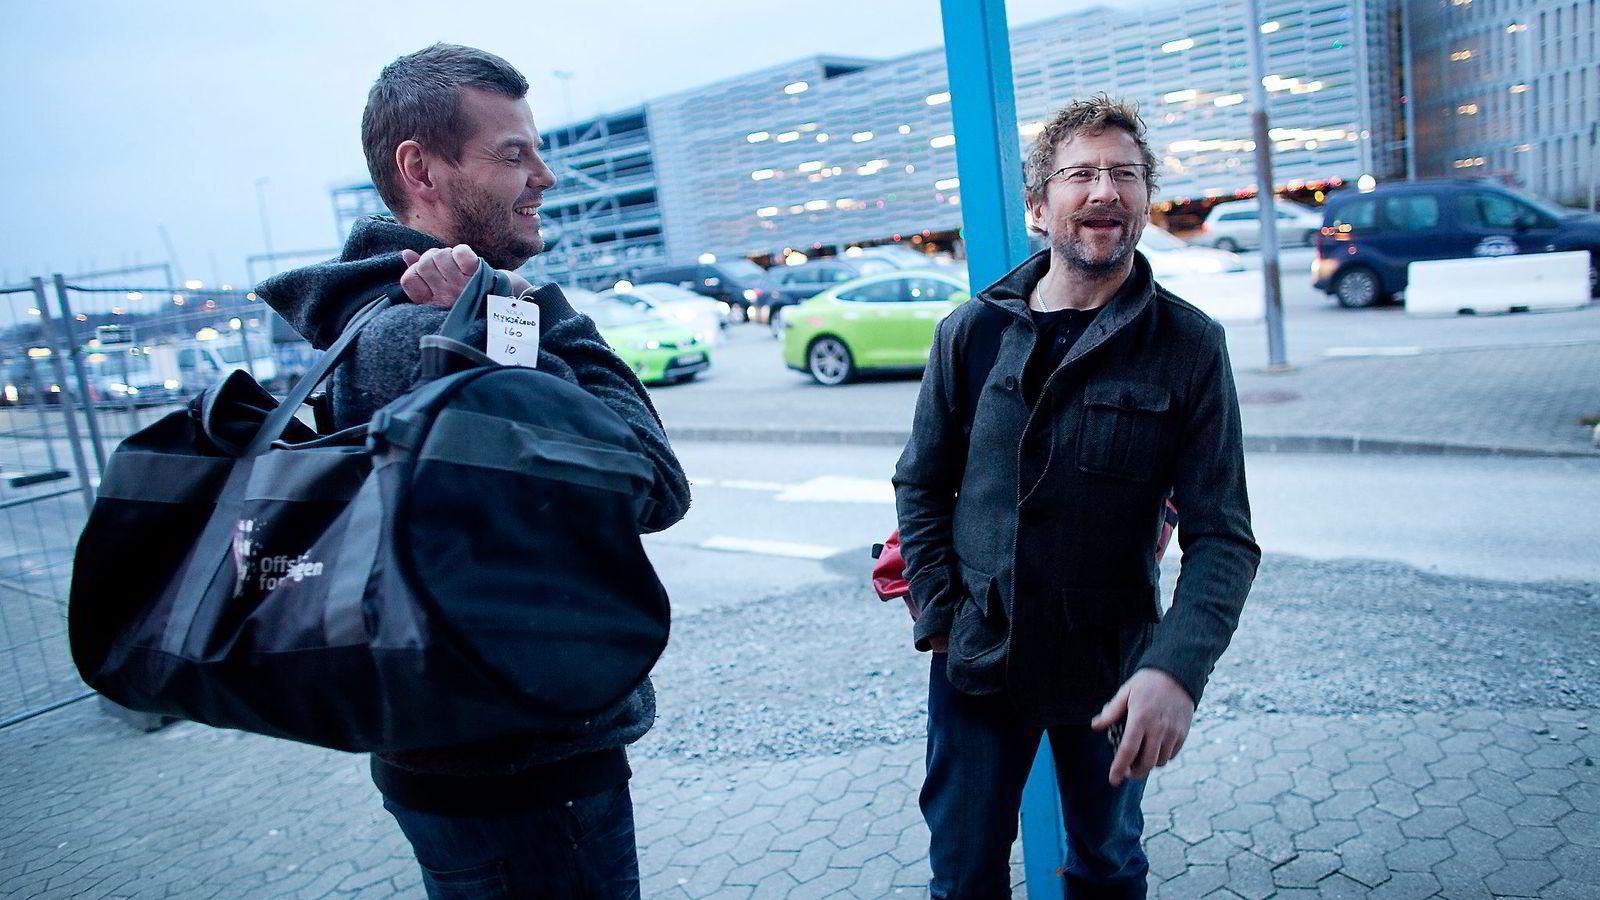 BARE LER. – Hvor mye kan de spare? Du drikker ikke så mye kaffe før en halvannen time lang helikoptertur, sier Leif Inge Rogstad (til høyre) på heliporten. Han og Jørg Mykjåland jobber for North Atlantic Drilling på produksjonsboring for Statoil.